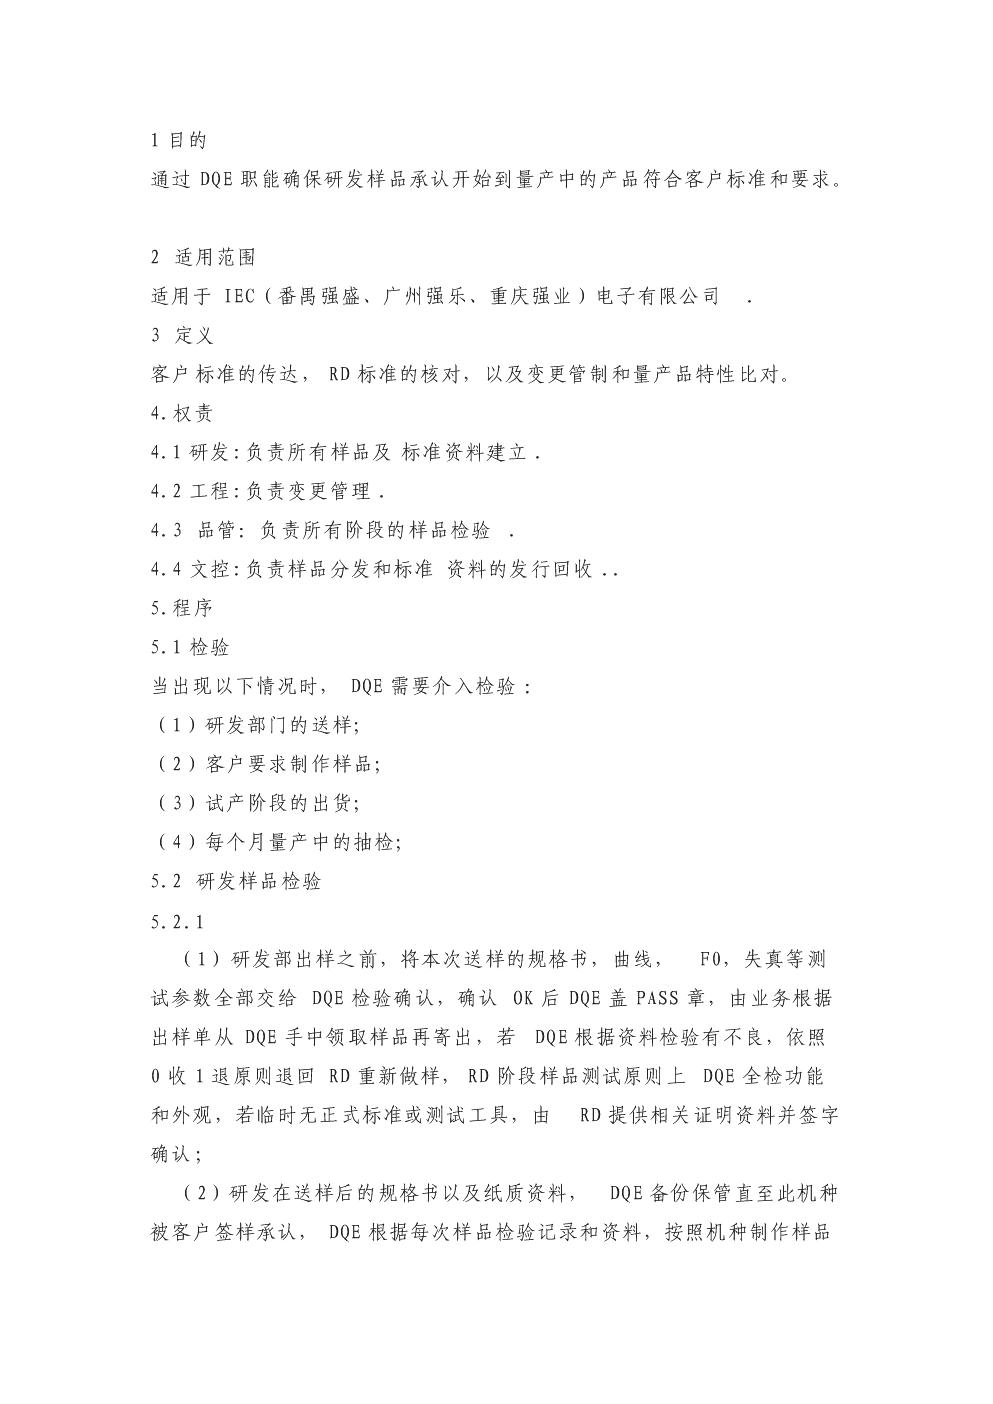 【实用资料】DQE工作职能.doc